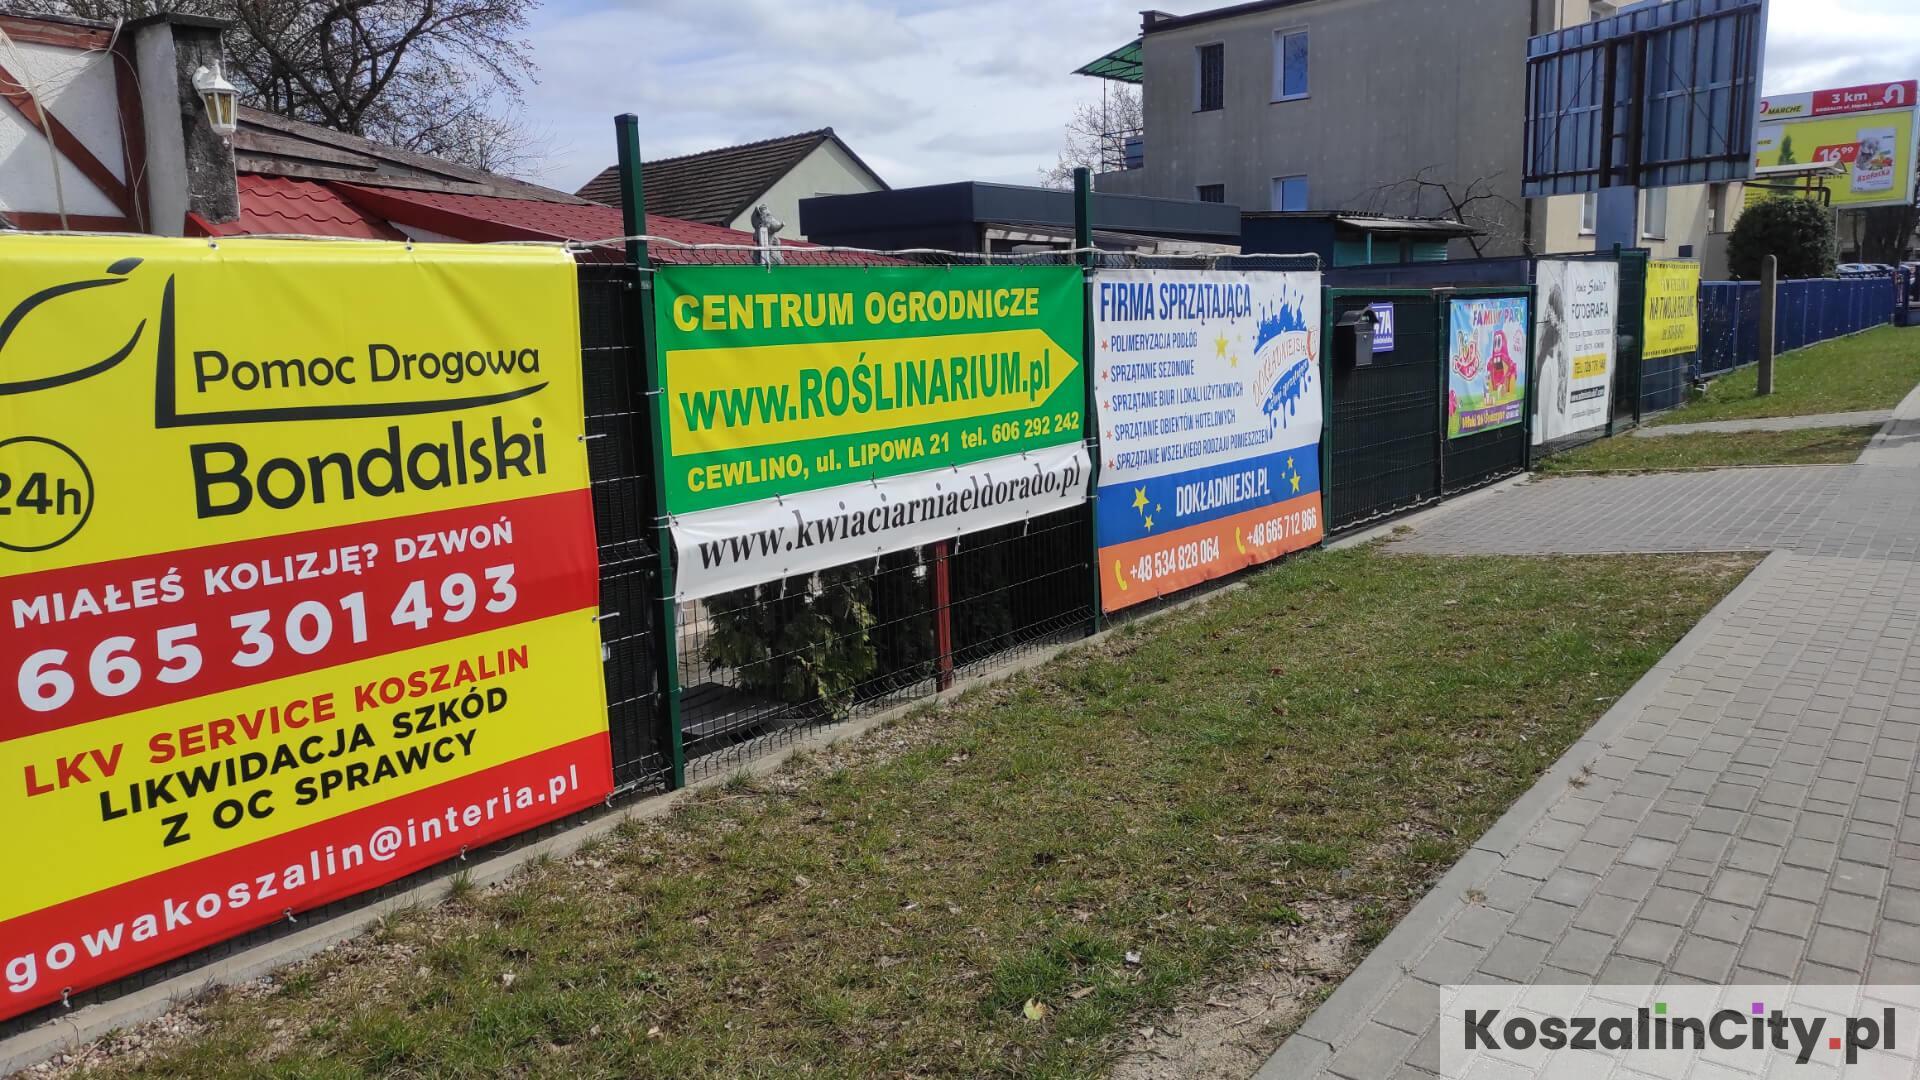 Banery reklamowe wywieszane na płotach zaśmiecają miasto